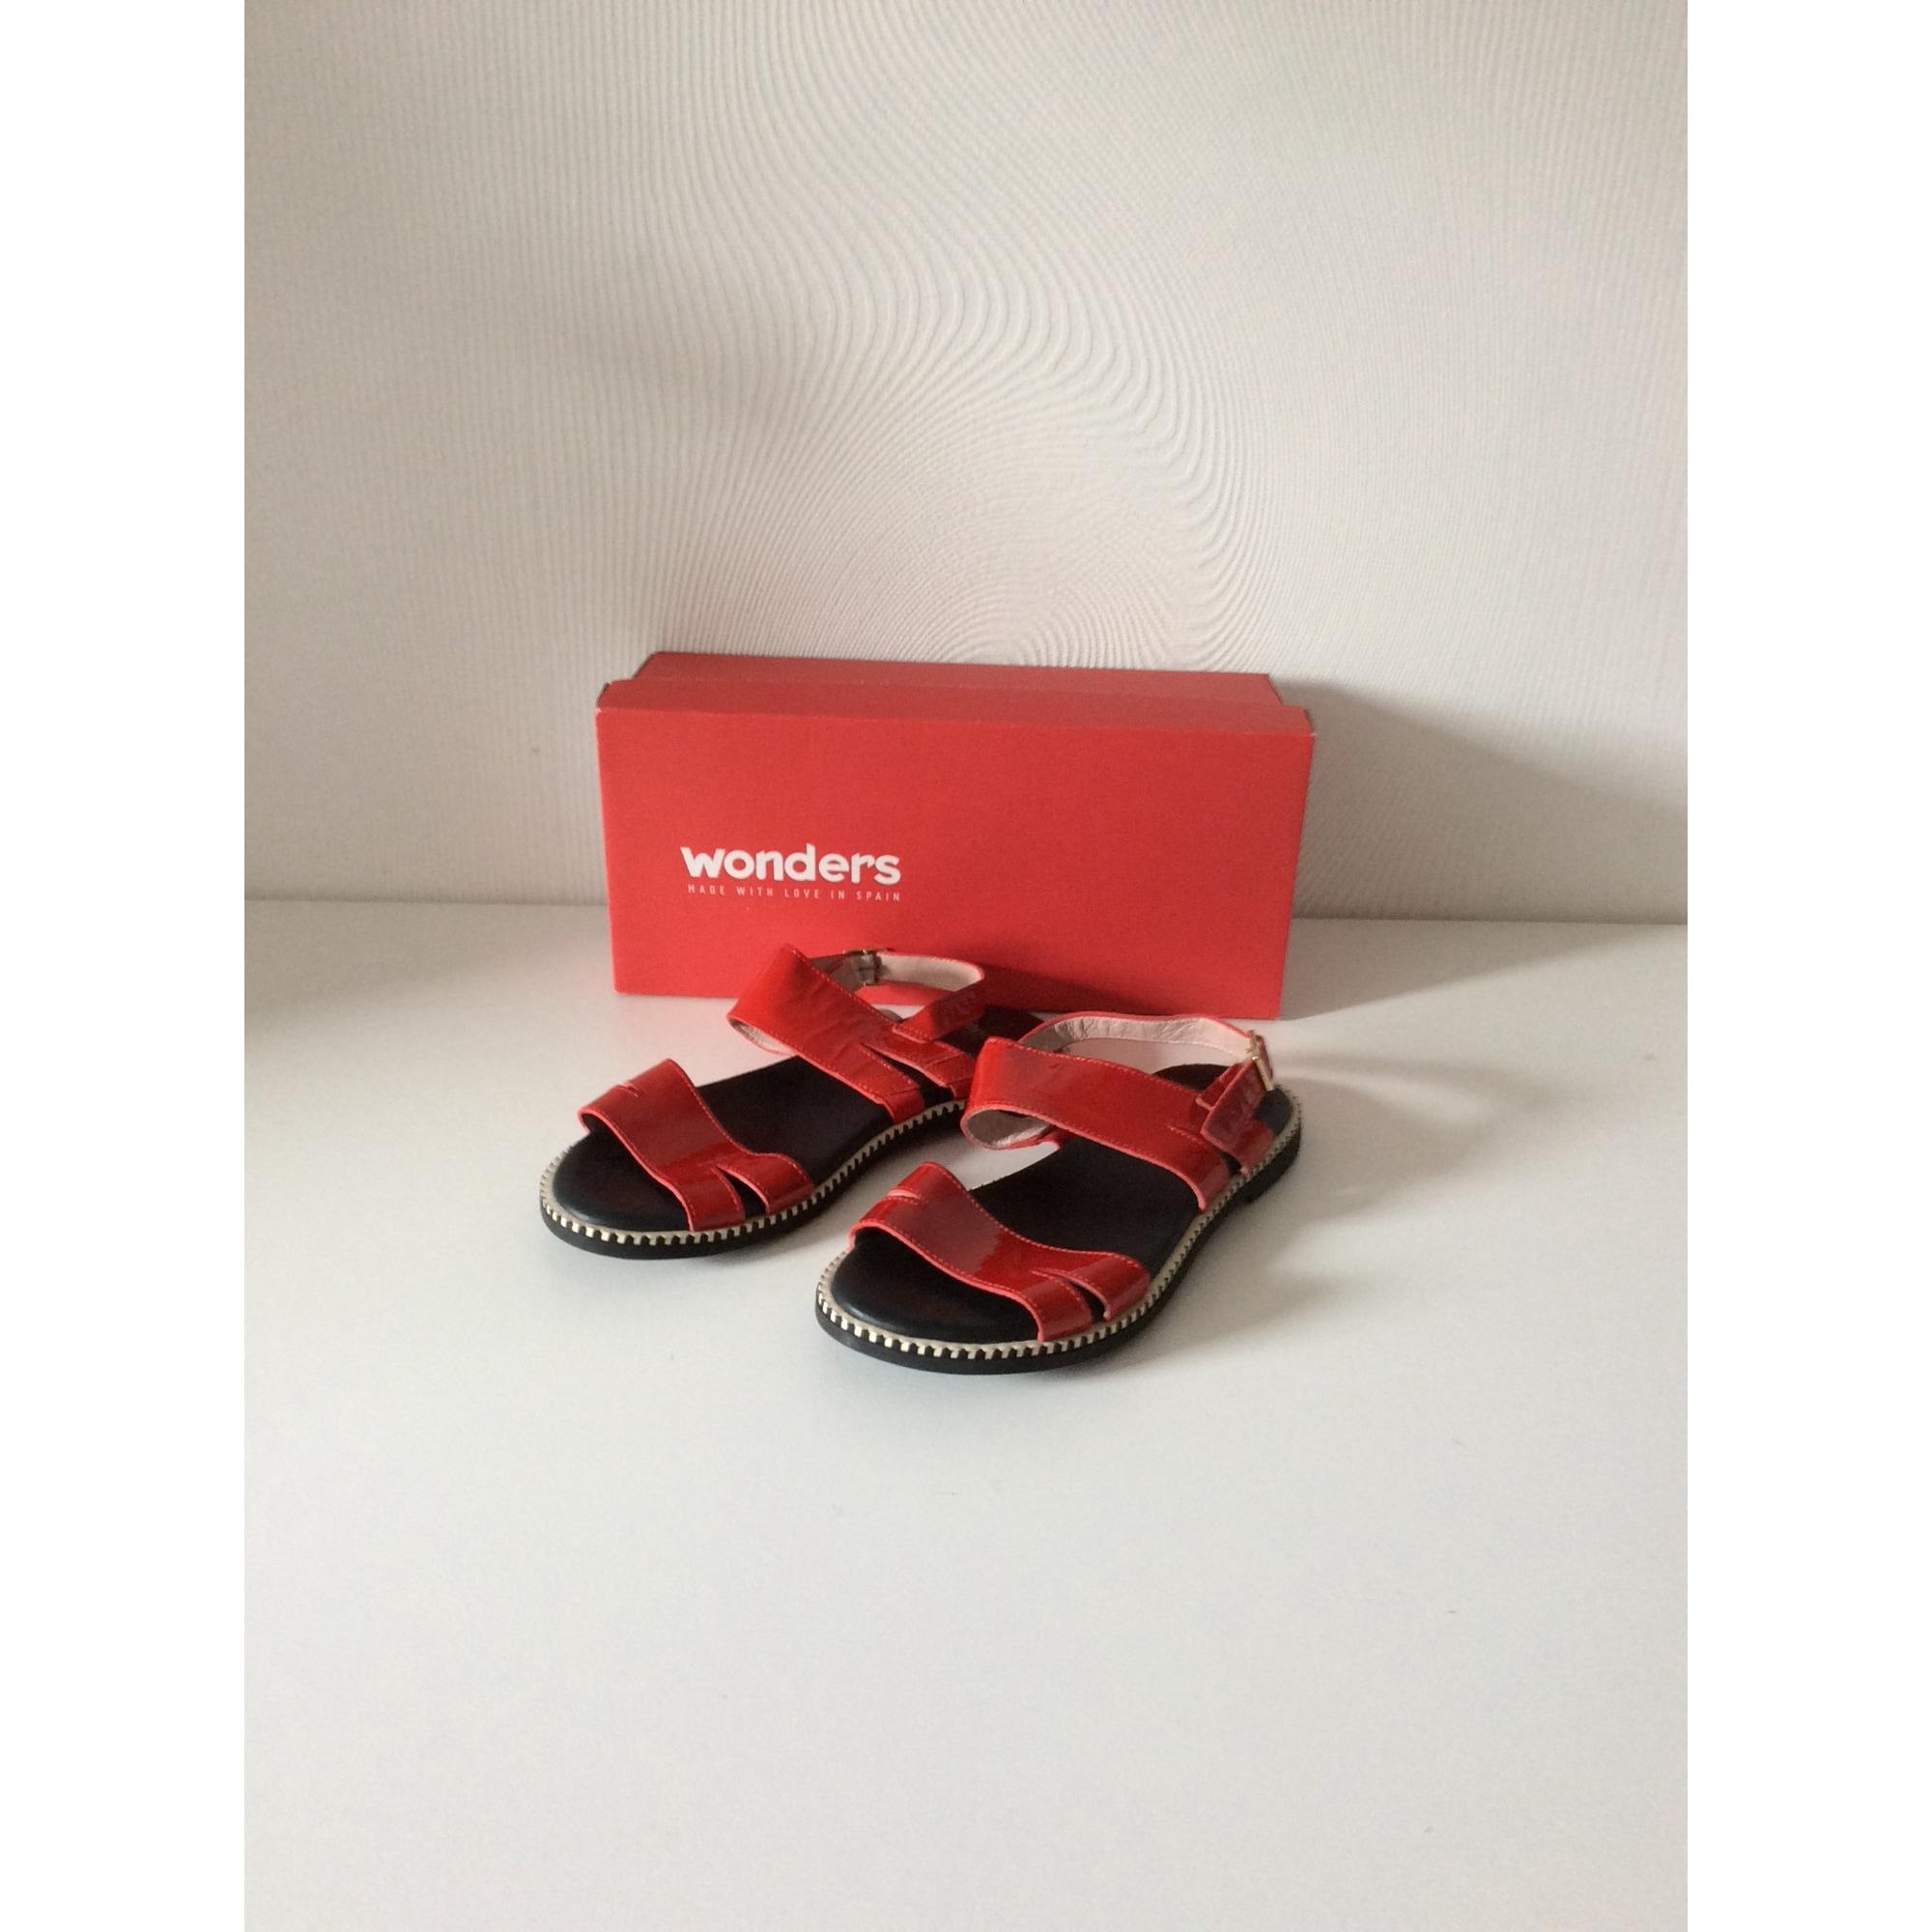 Sandales plates  WONDERS Rouge, bordeaux